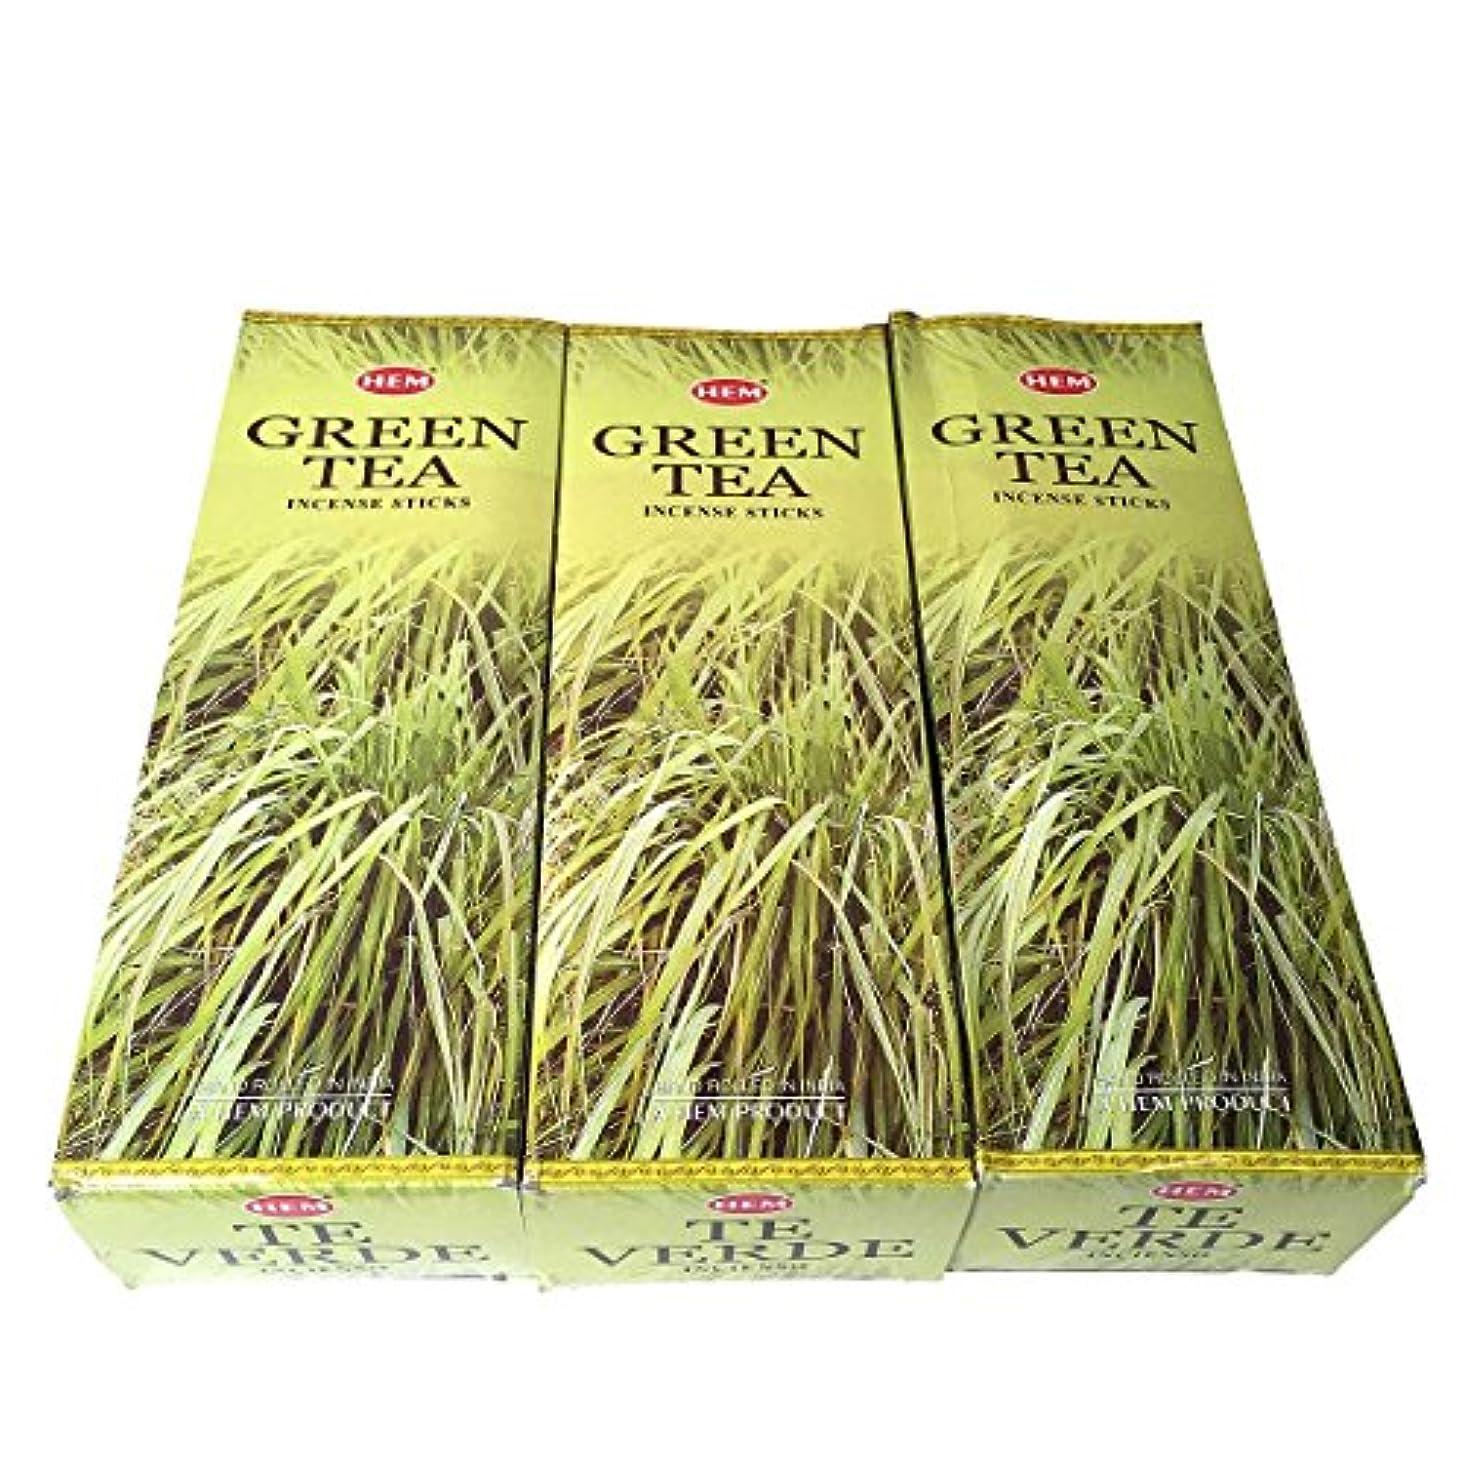 汚れるウォーターフロントアルミニウムグリーンティー香スティック 3BOX(18箱) /HEM Green Tea/インセンス/インド香 お香 [並行輸入品]